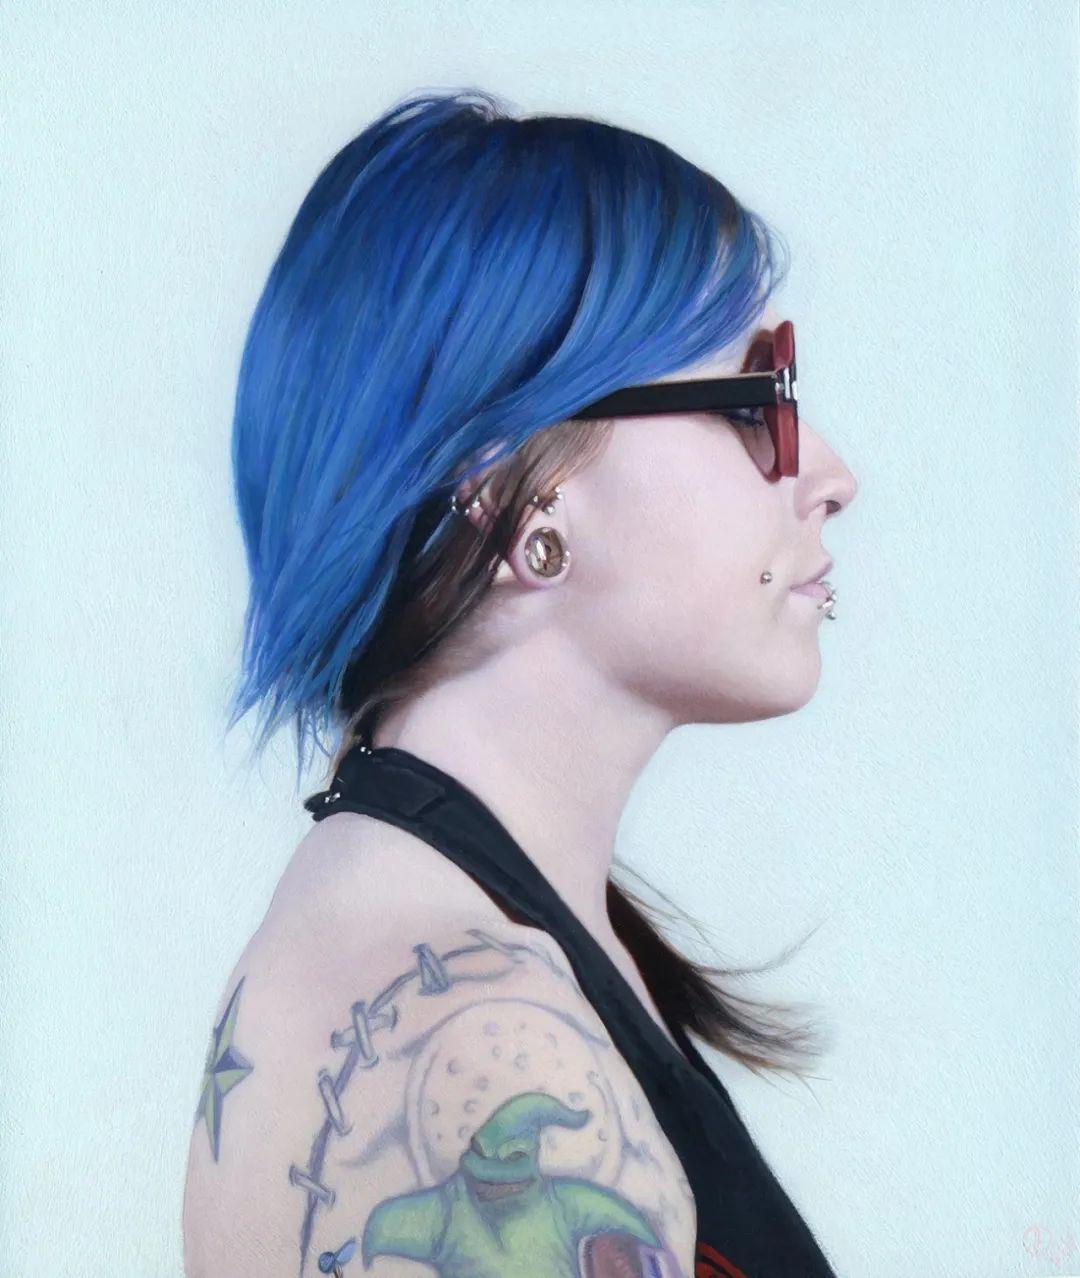 美国画家戴维·艾肯伯格的超写实油画插图3